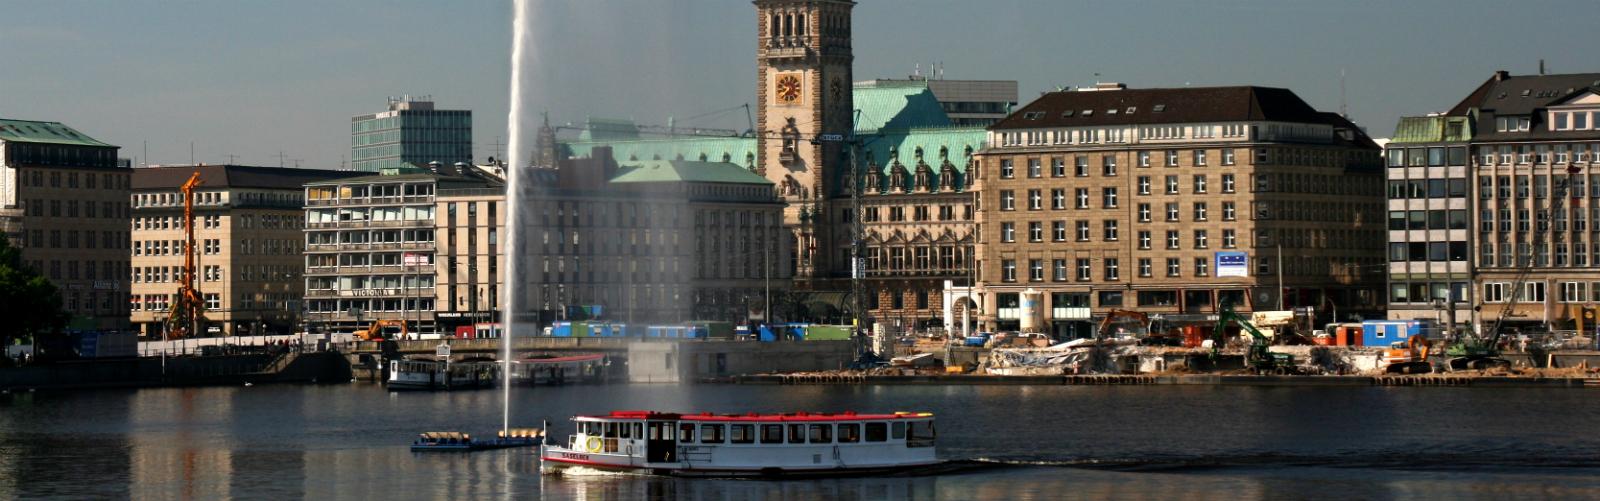 Vakantie naar het avontuurlijke Hamburg